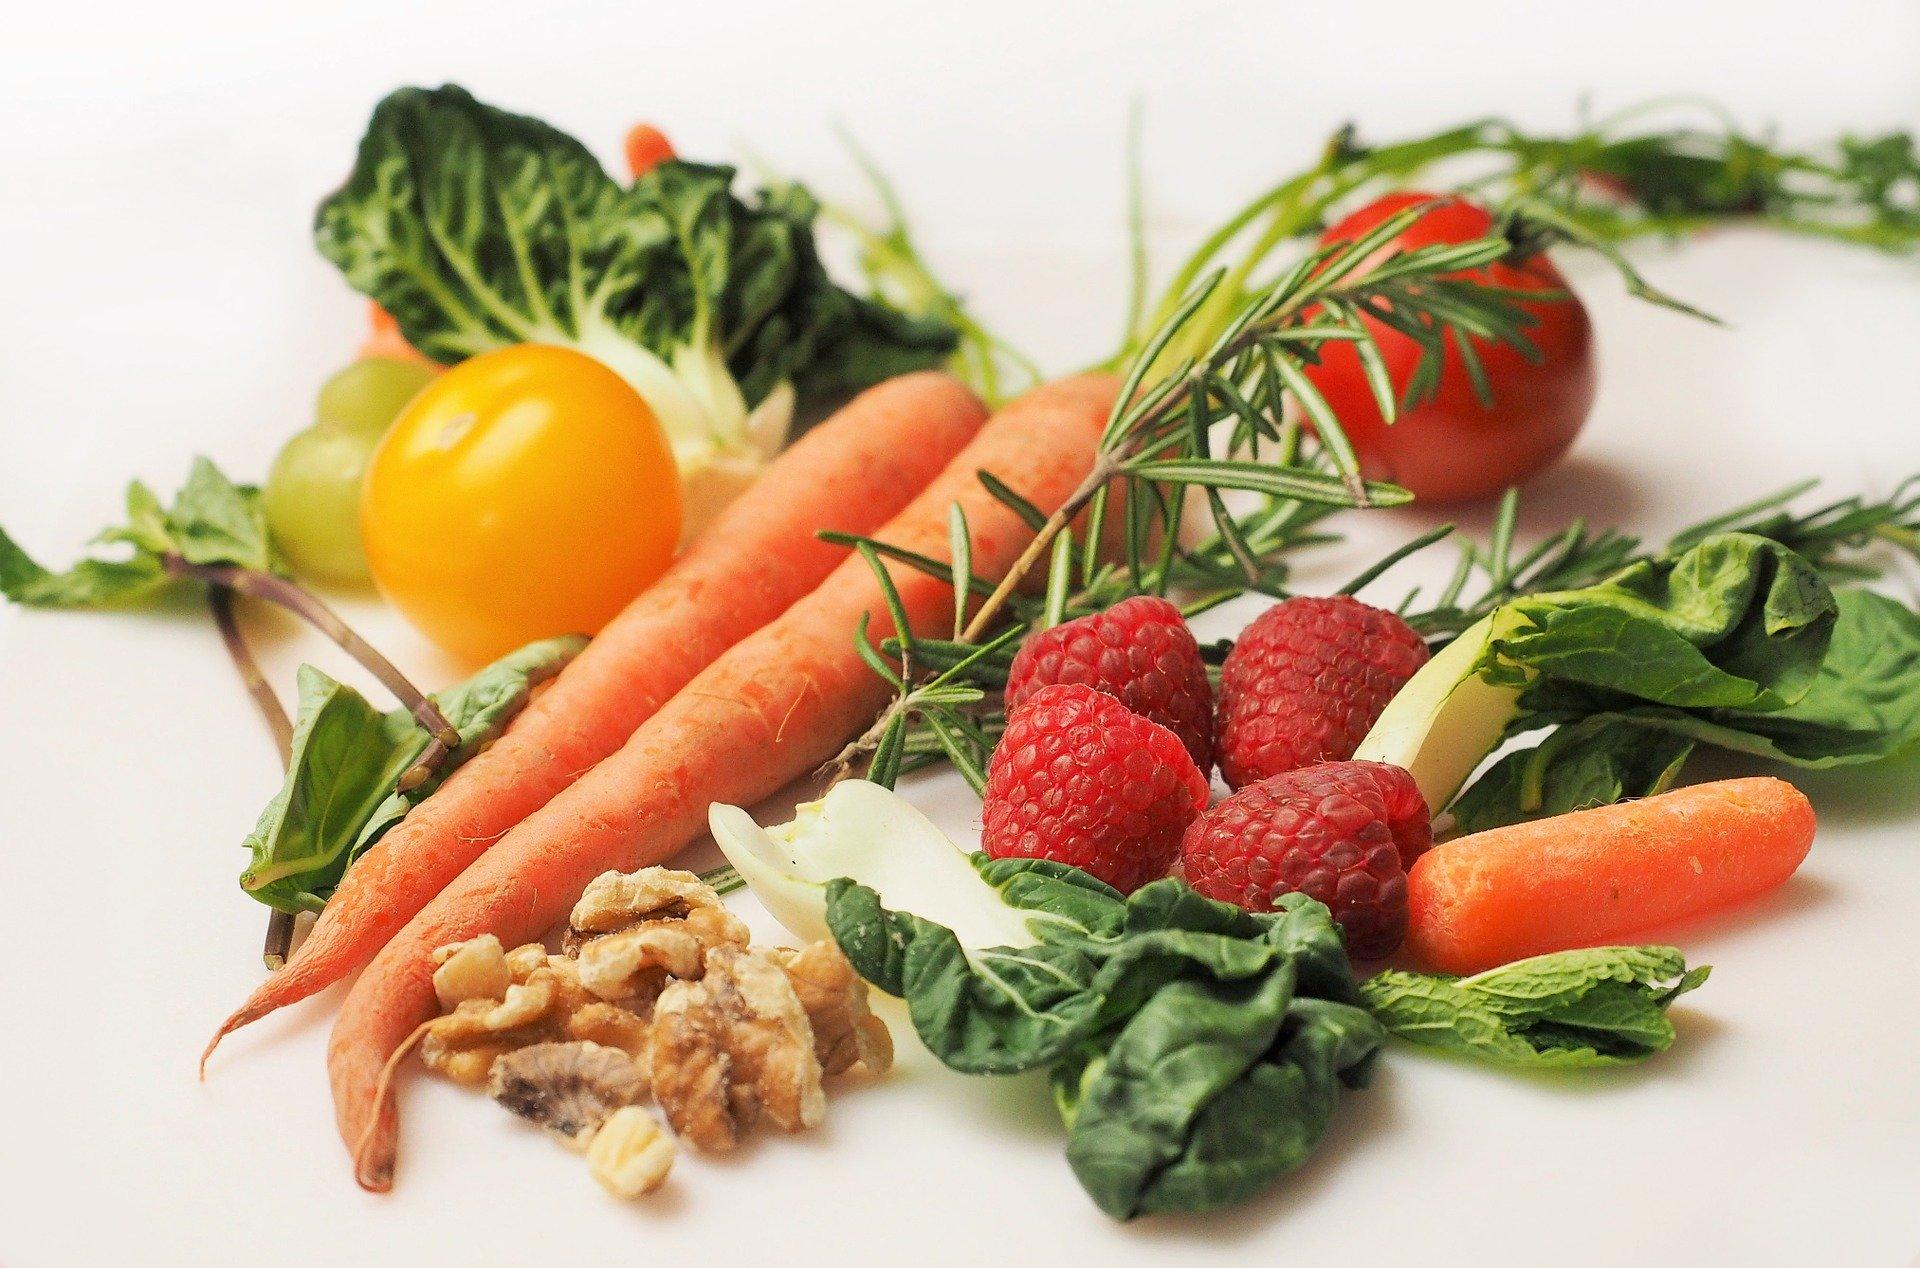 Apesar de estar presente em diversos itens nutricionais, as fontes alimentares respondem de 10 a 20% da vitamina D necessária para os seres humanos